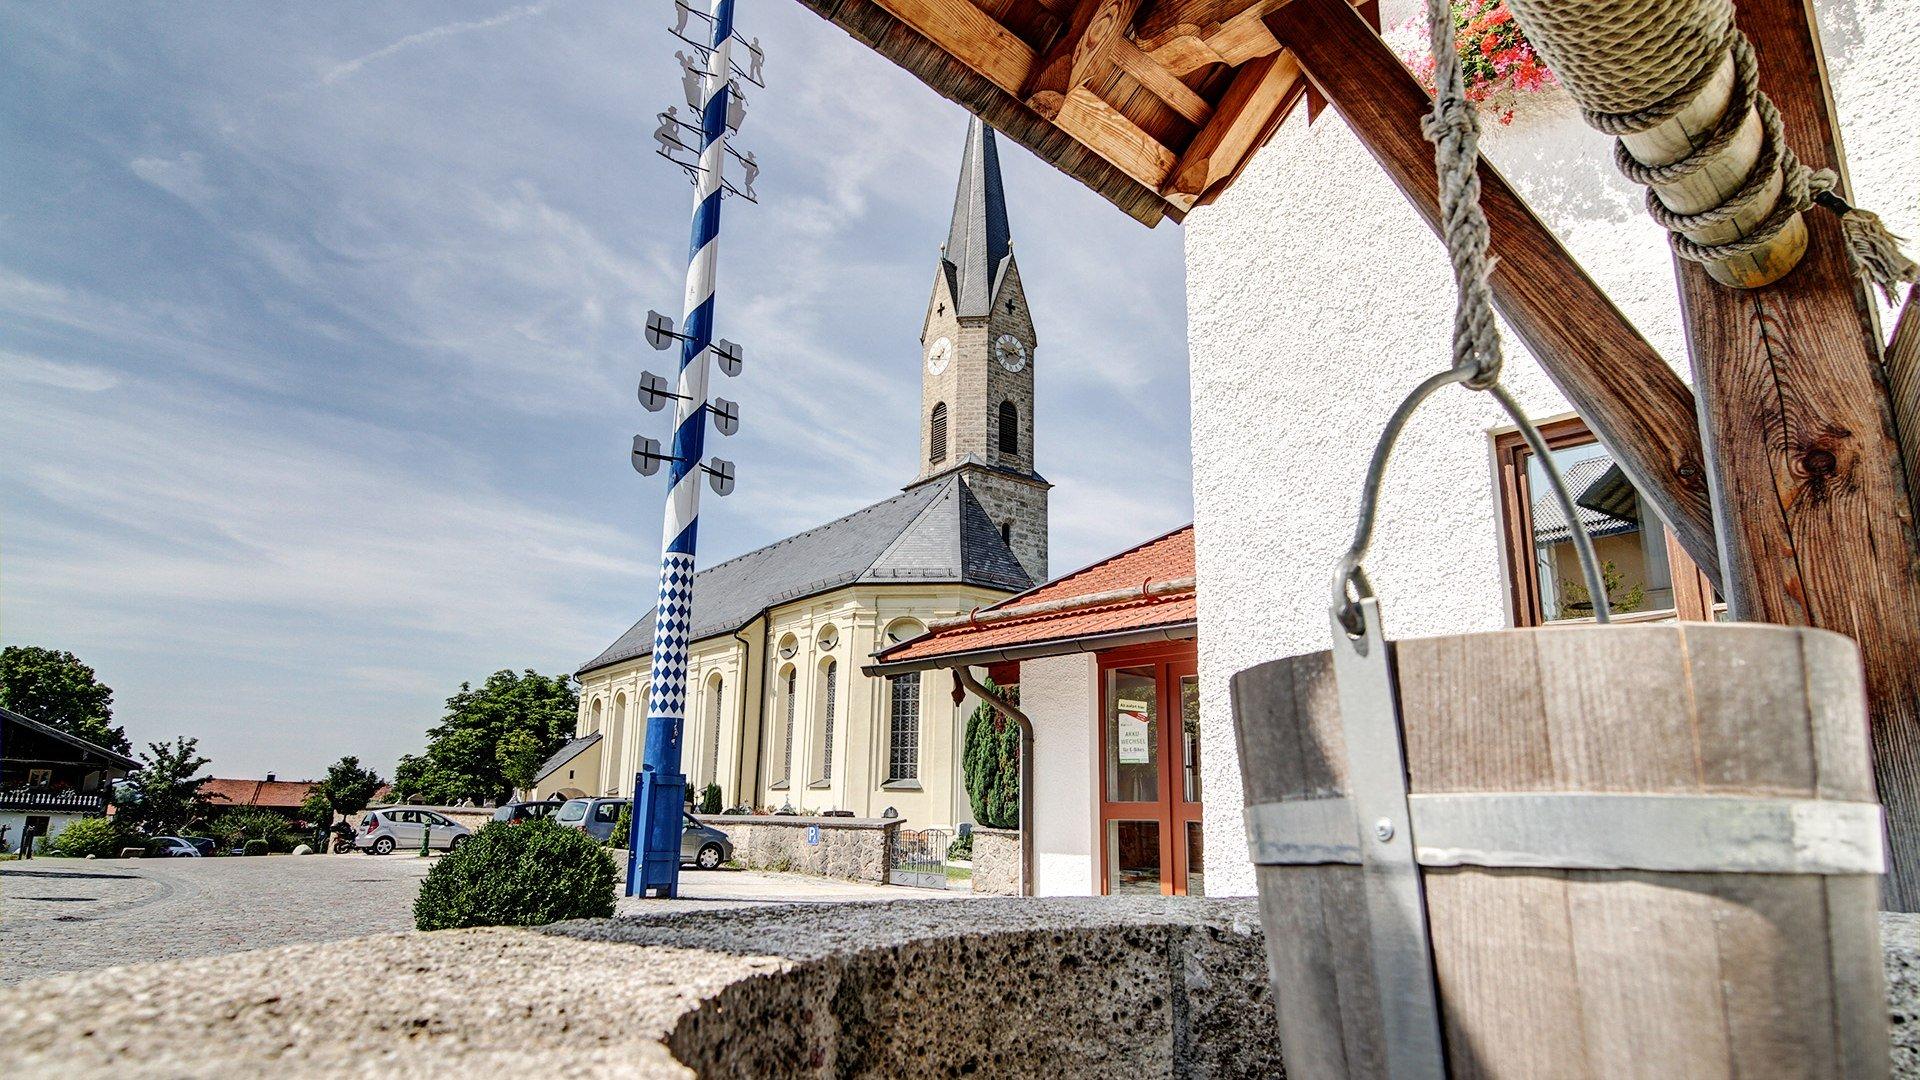 Irschenberg Ort, © Thomas Müller